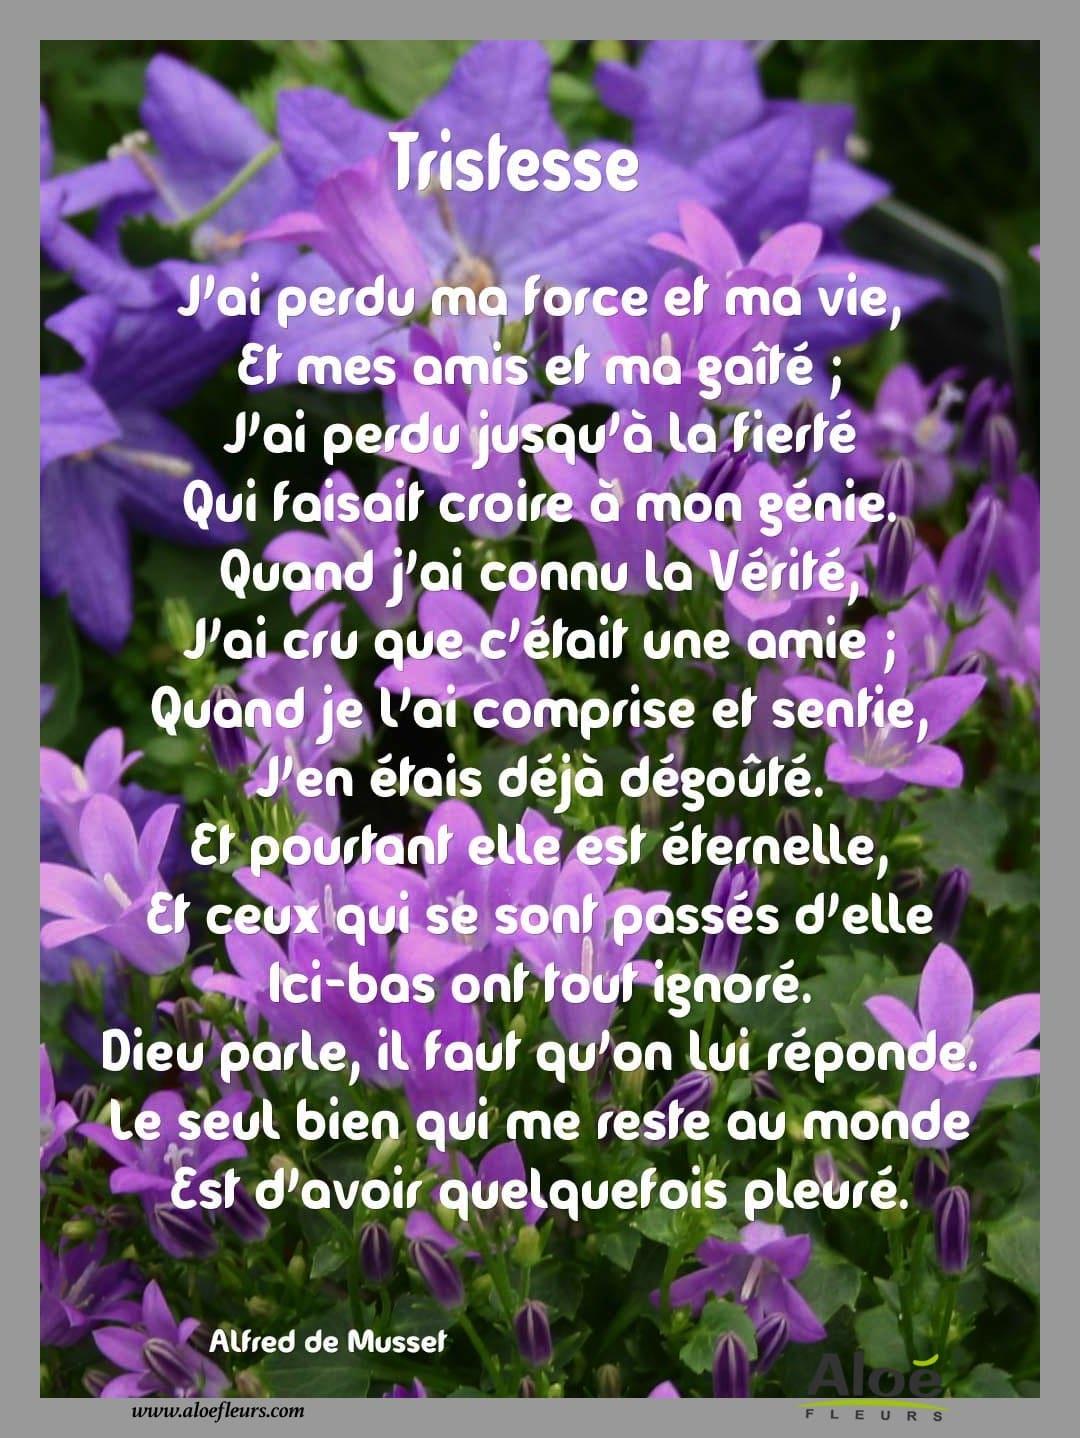 Poeme Pour Le Deces D Une Grand Mere : poeme, deces, grand, Messages,, Citations,, Poèmes, Deuil, FLEURS